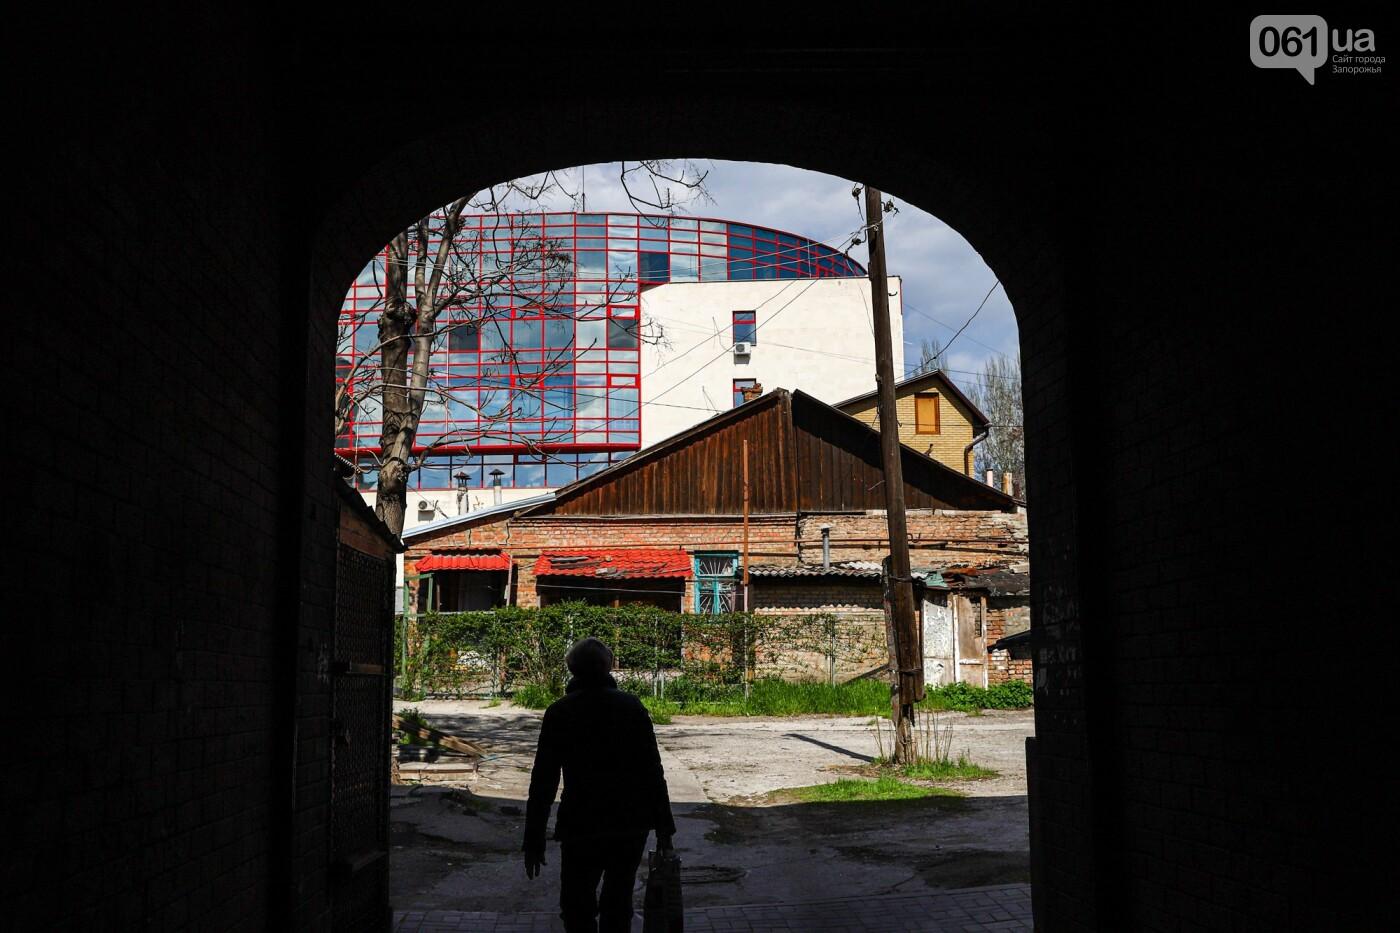 Монтаж первого пролета вантового моста, транспортный локдаун и репортаж из заброшенной шахты: апрель в фотографиях, фото-103